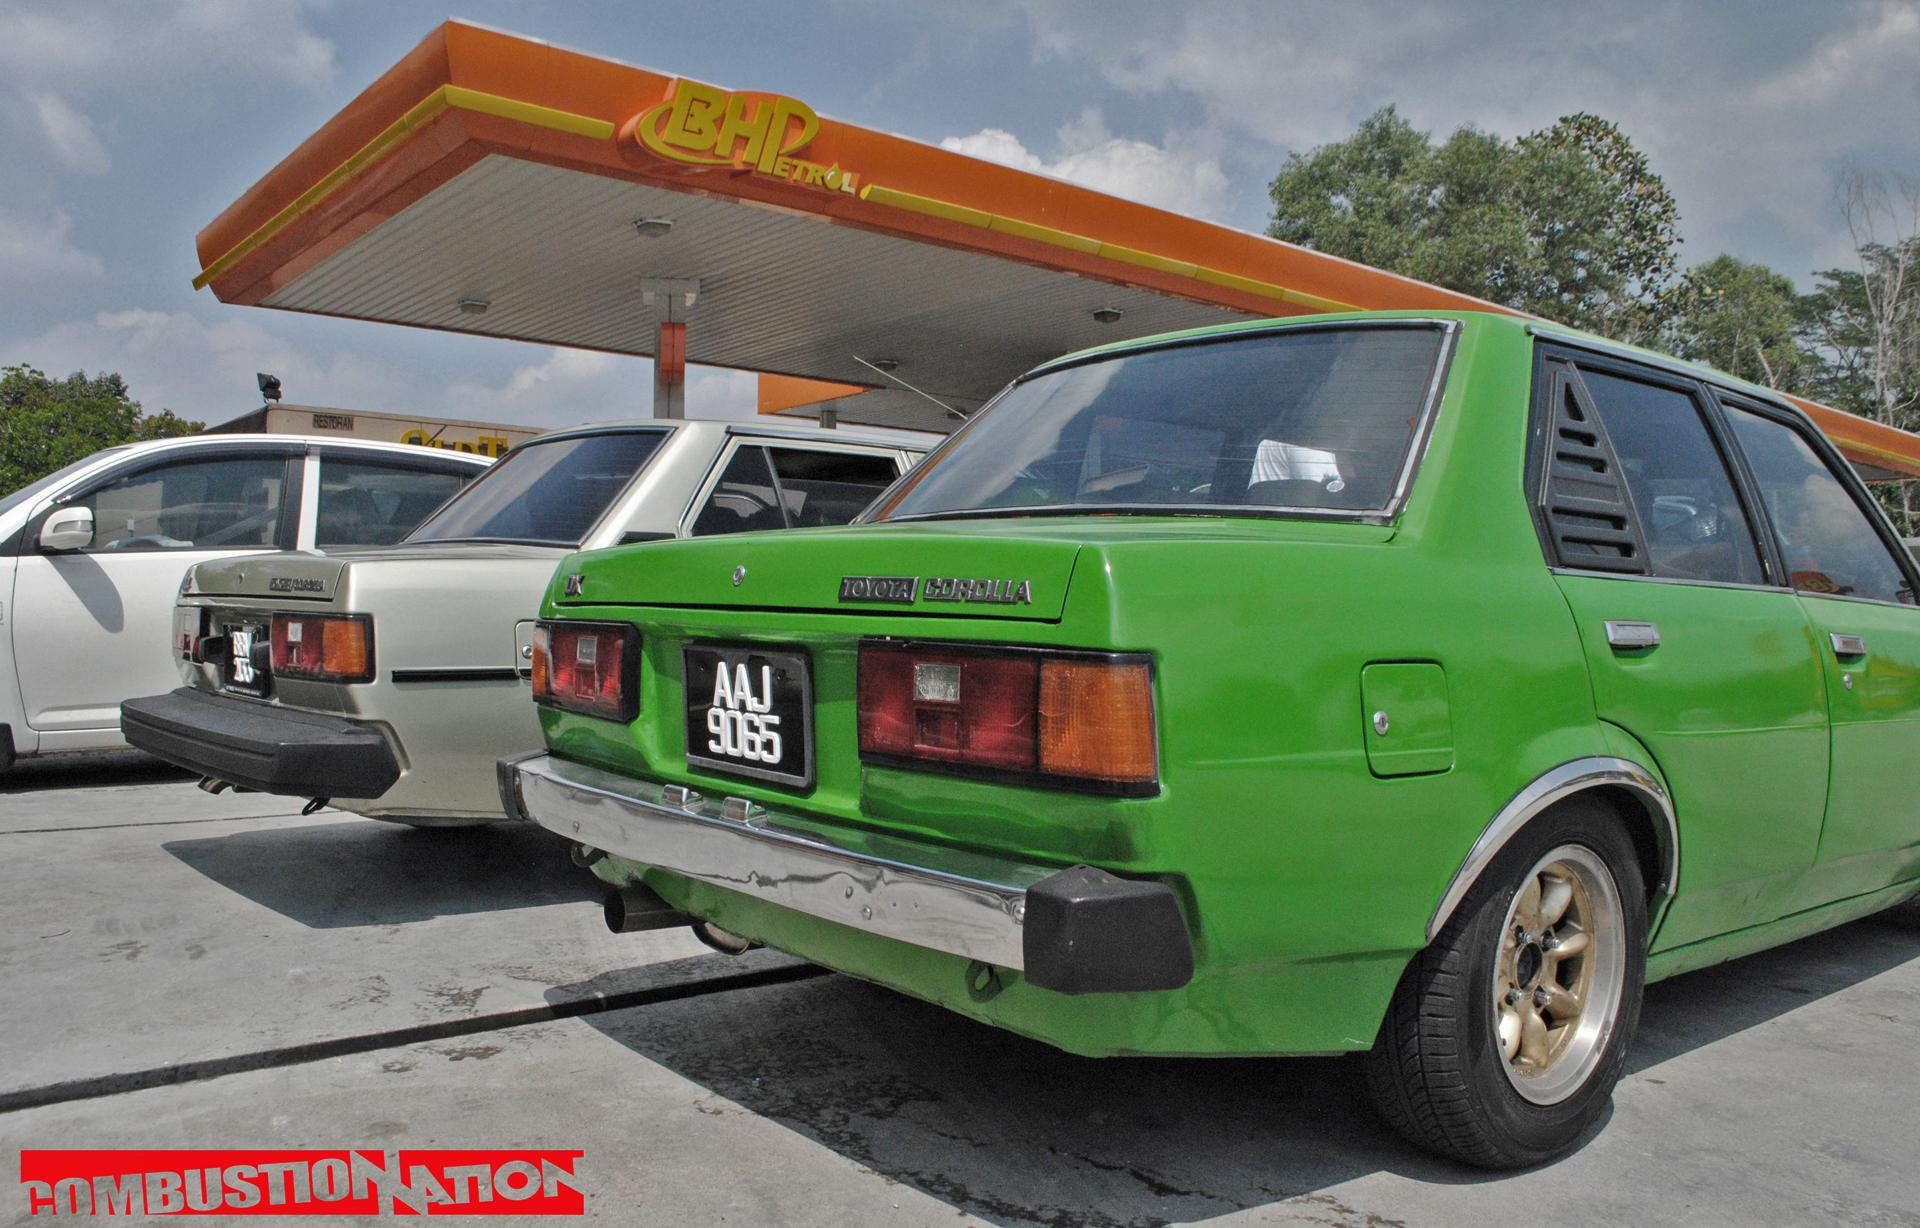 KE green